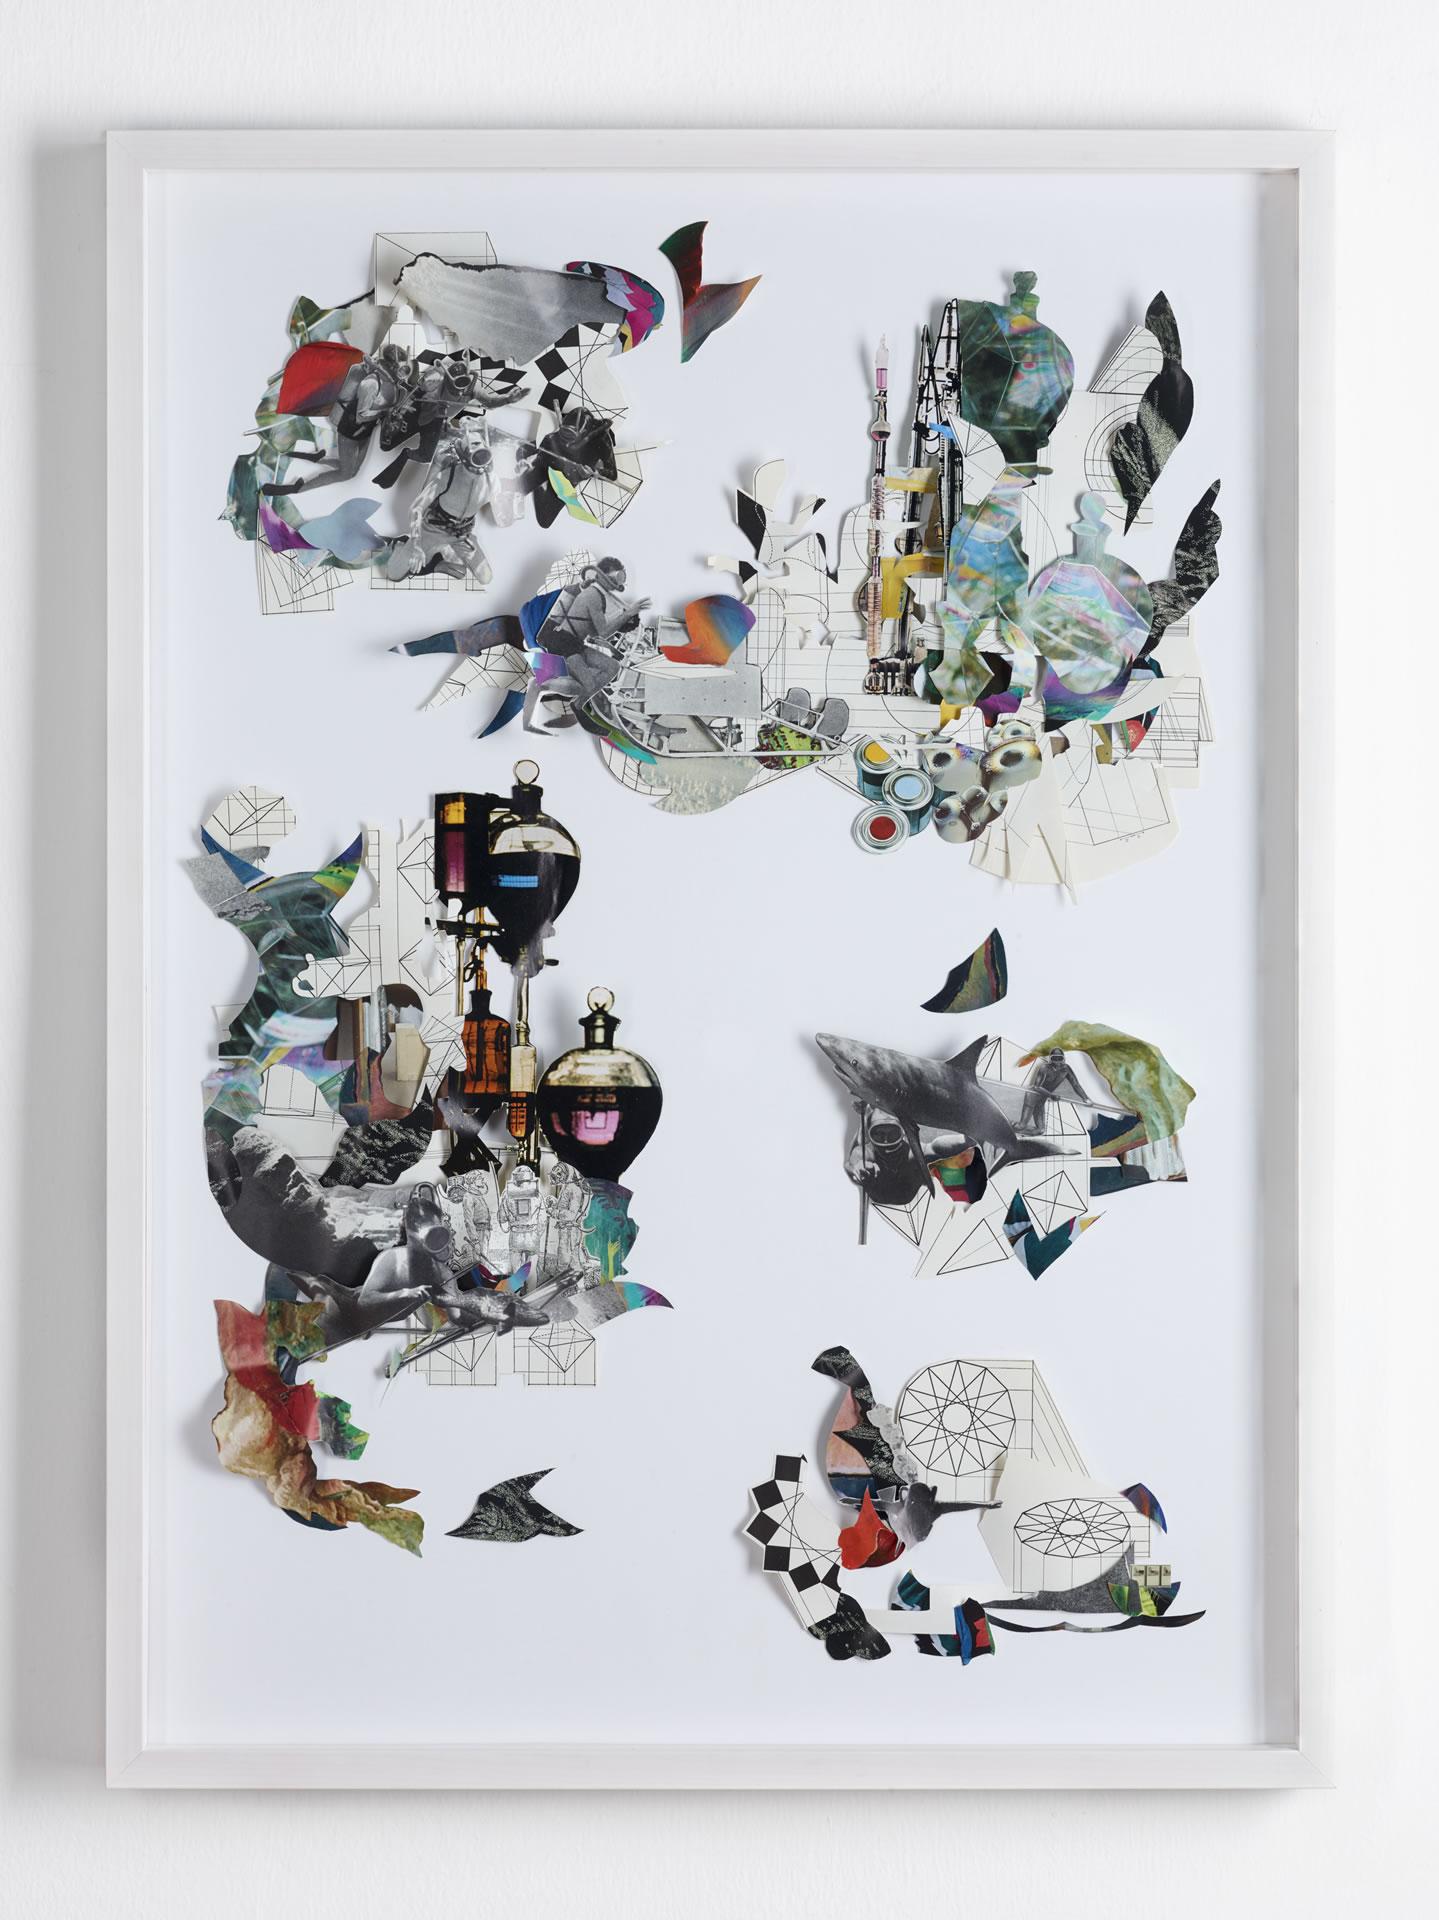 Galerie3 | Karen Elliot | Art Bubbeling | Collage | 2018 | 78 x 57 cm | Foto: Johannes Puch